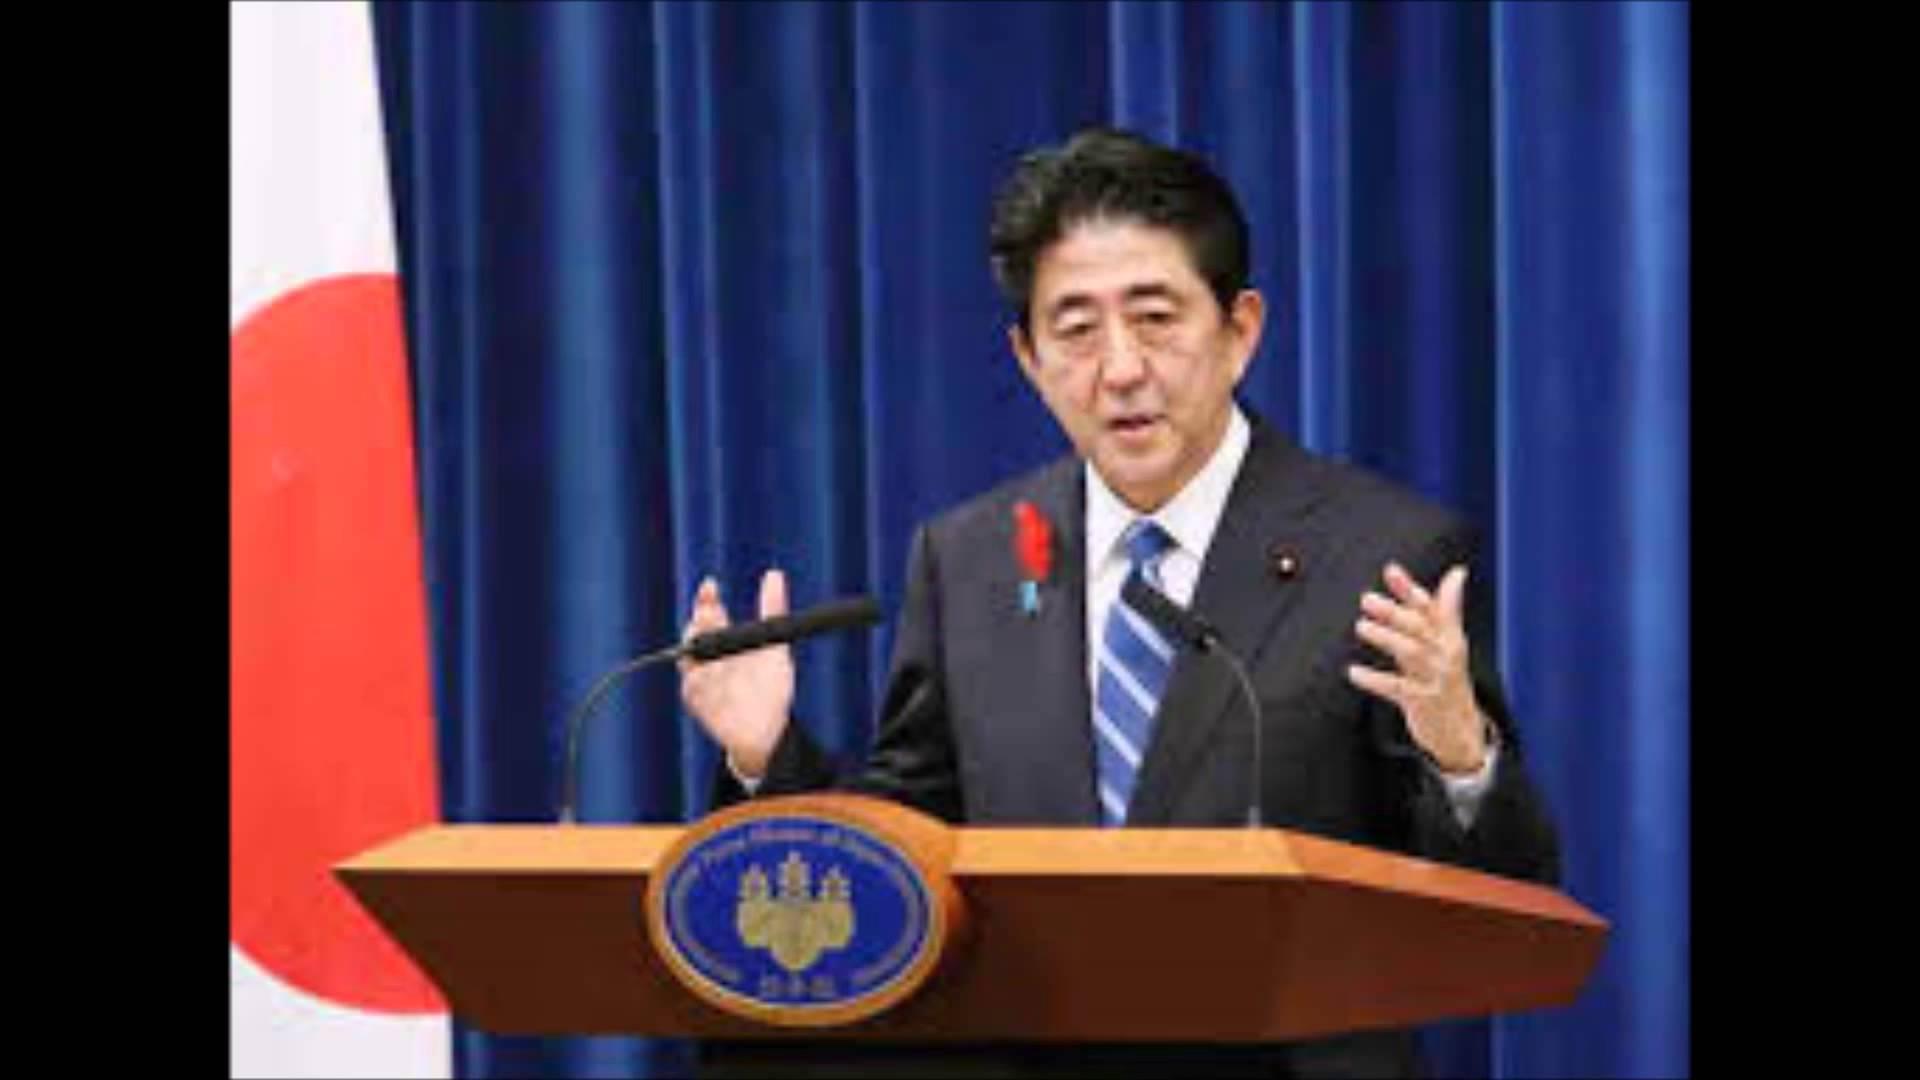 安倍首相が集団的自衛権について国民に説明!